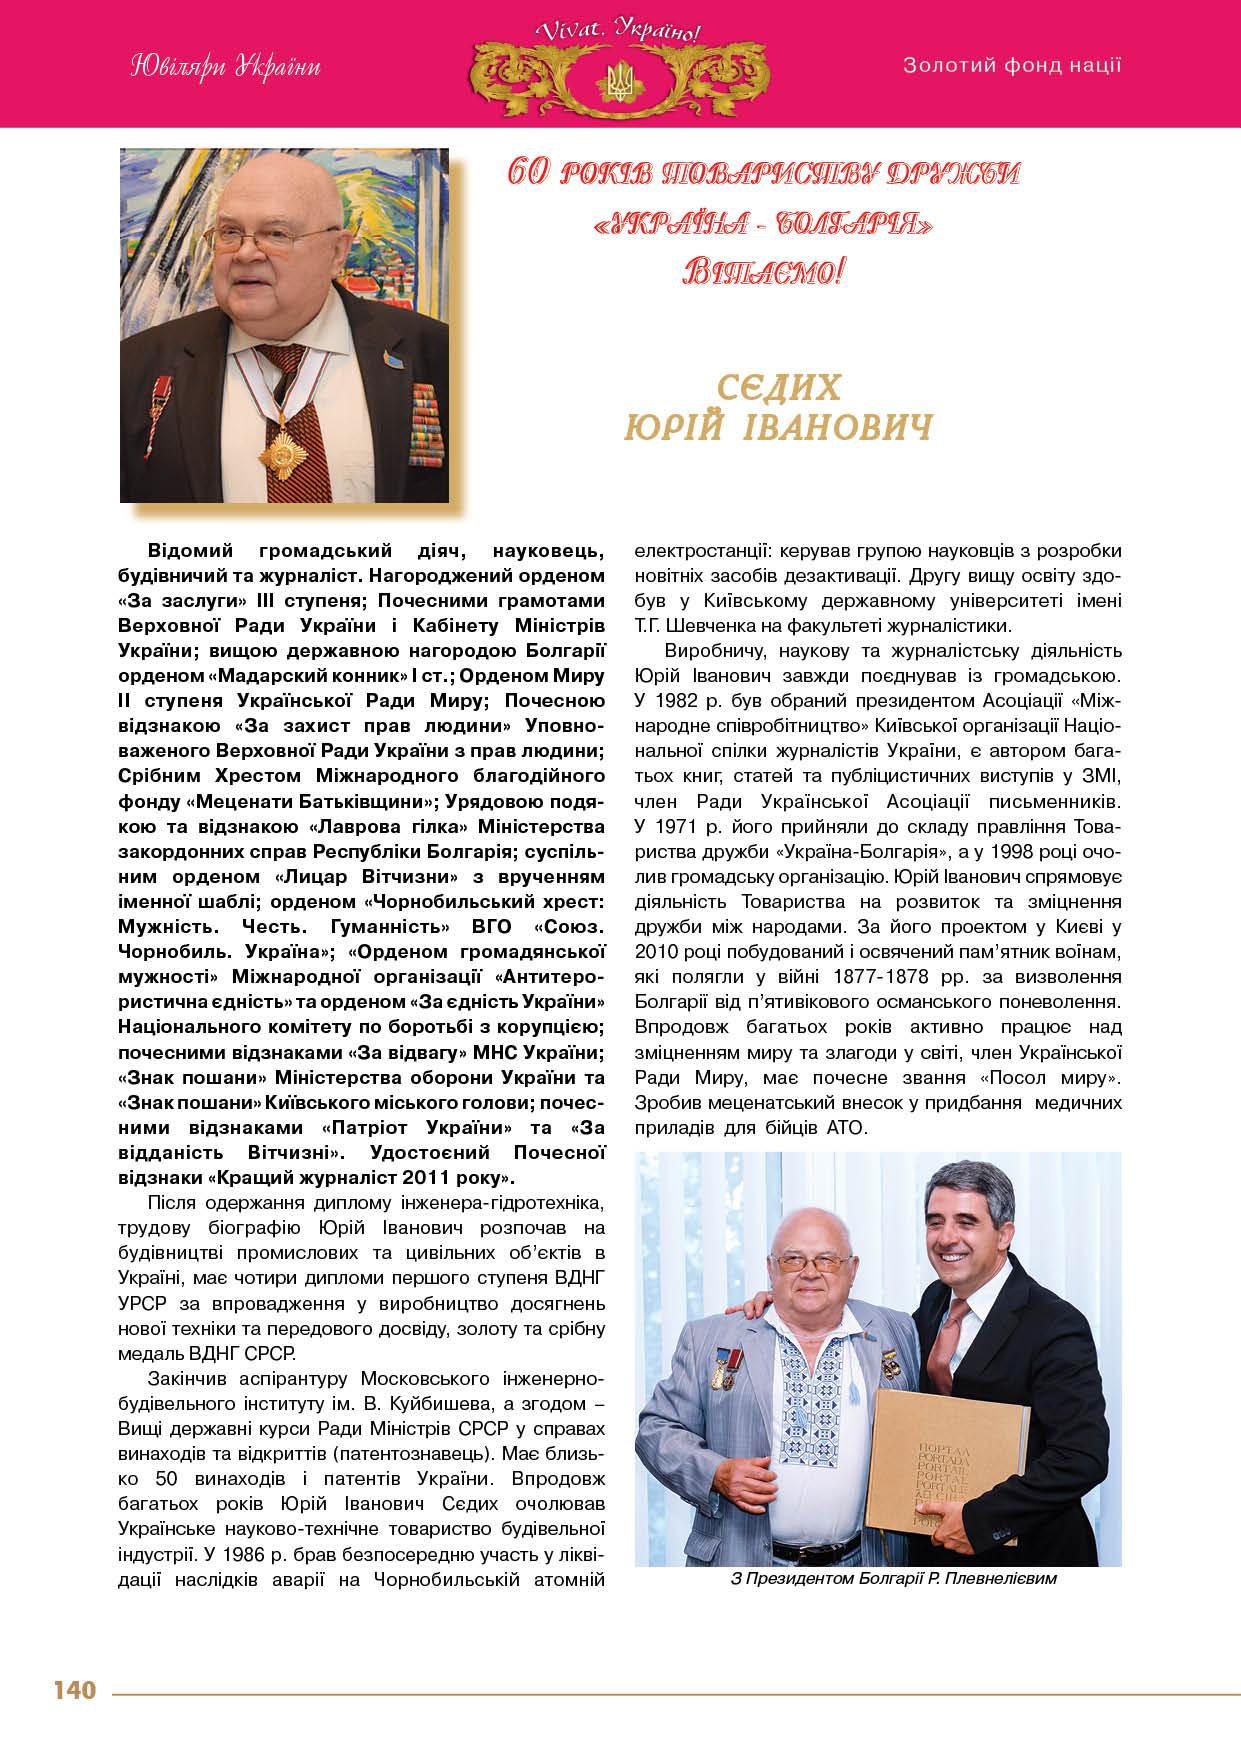 Сєдих Юрій Іванович